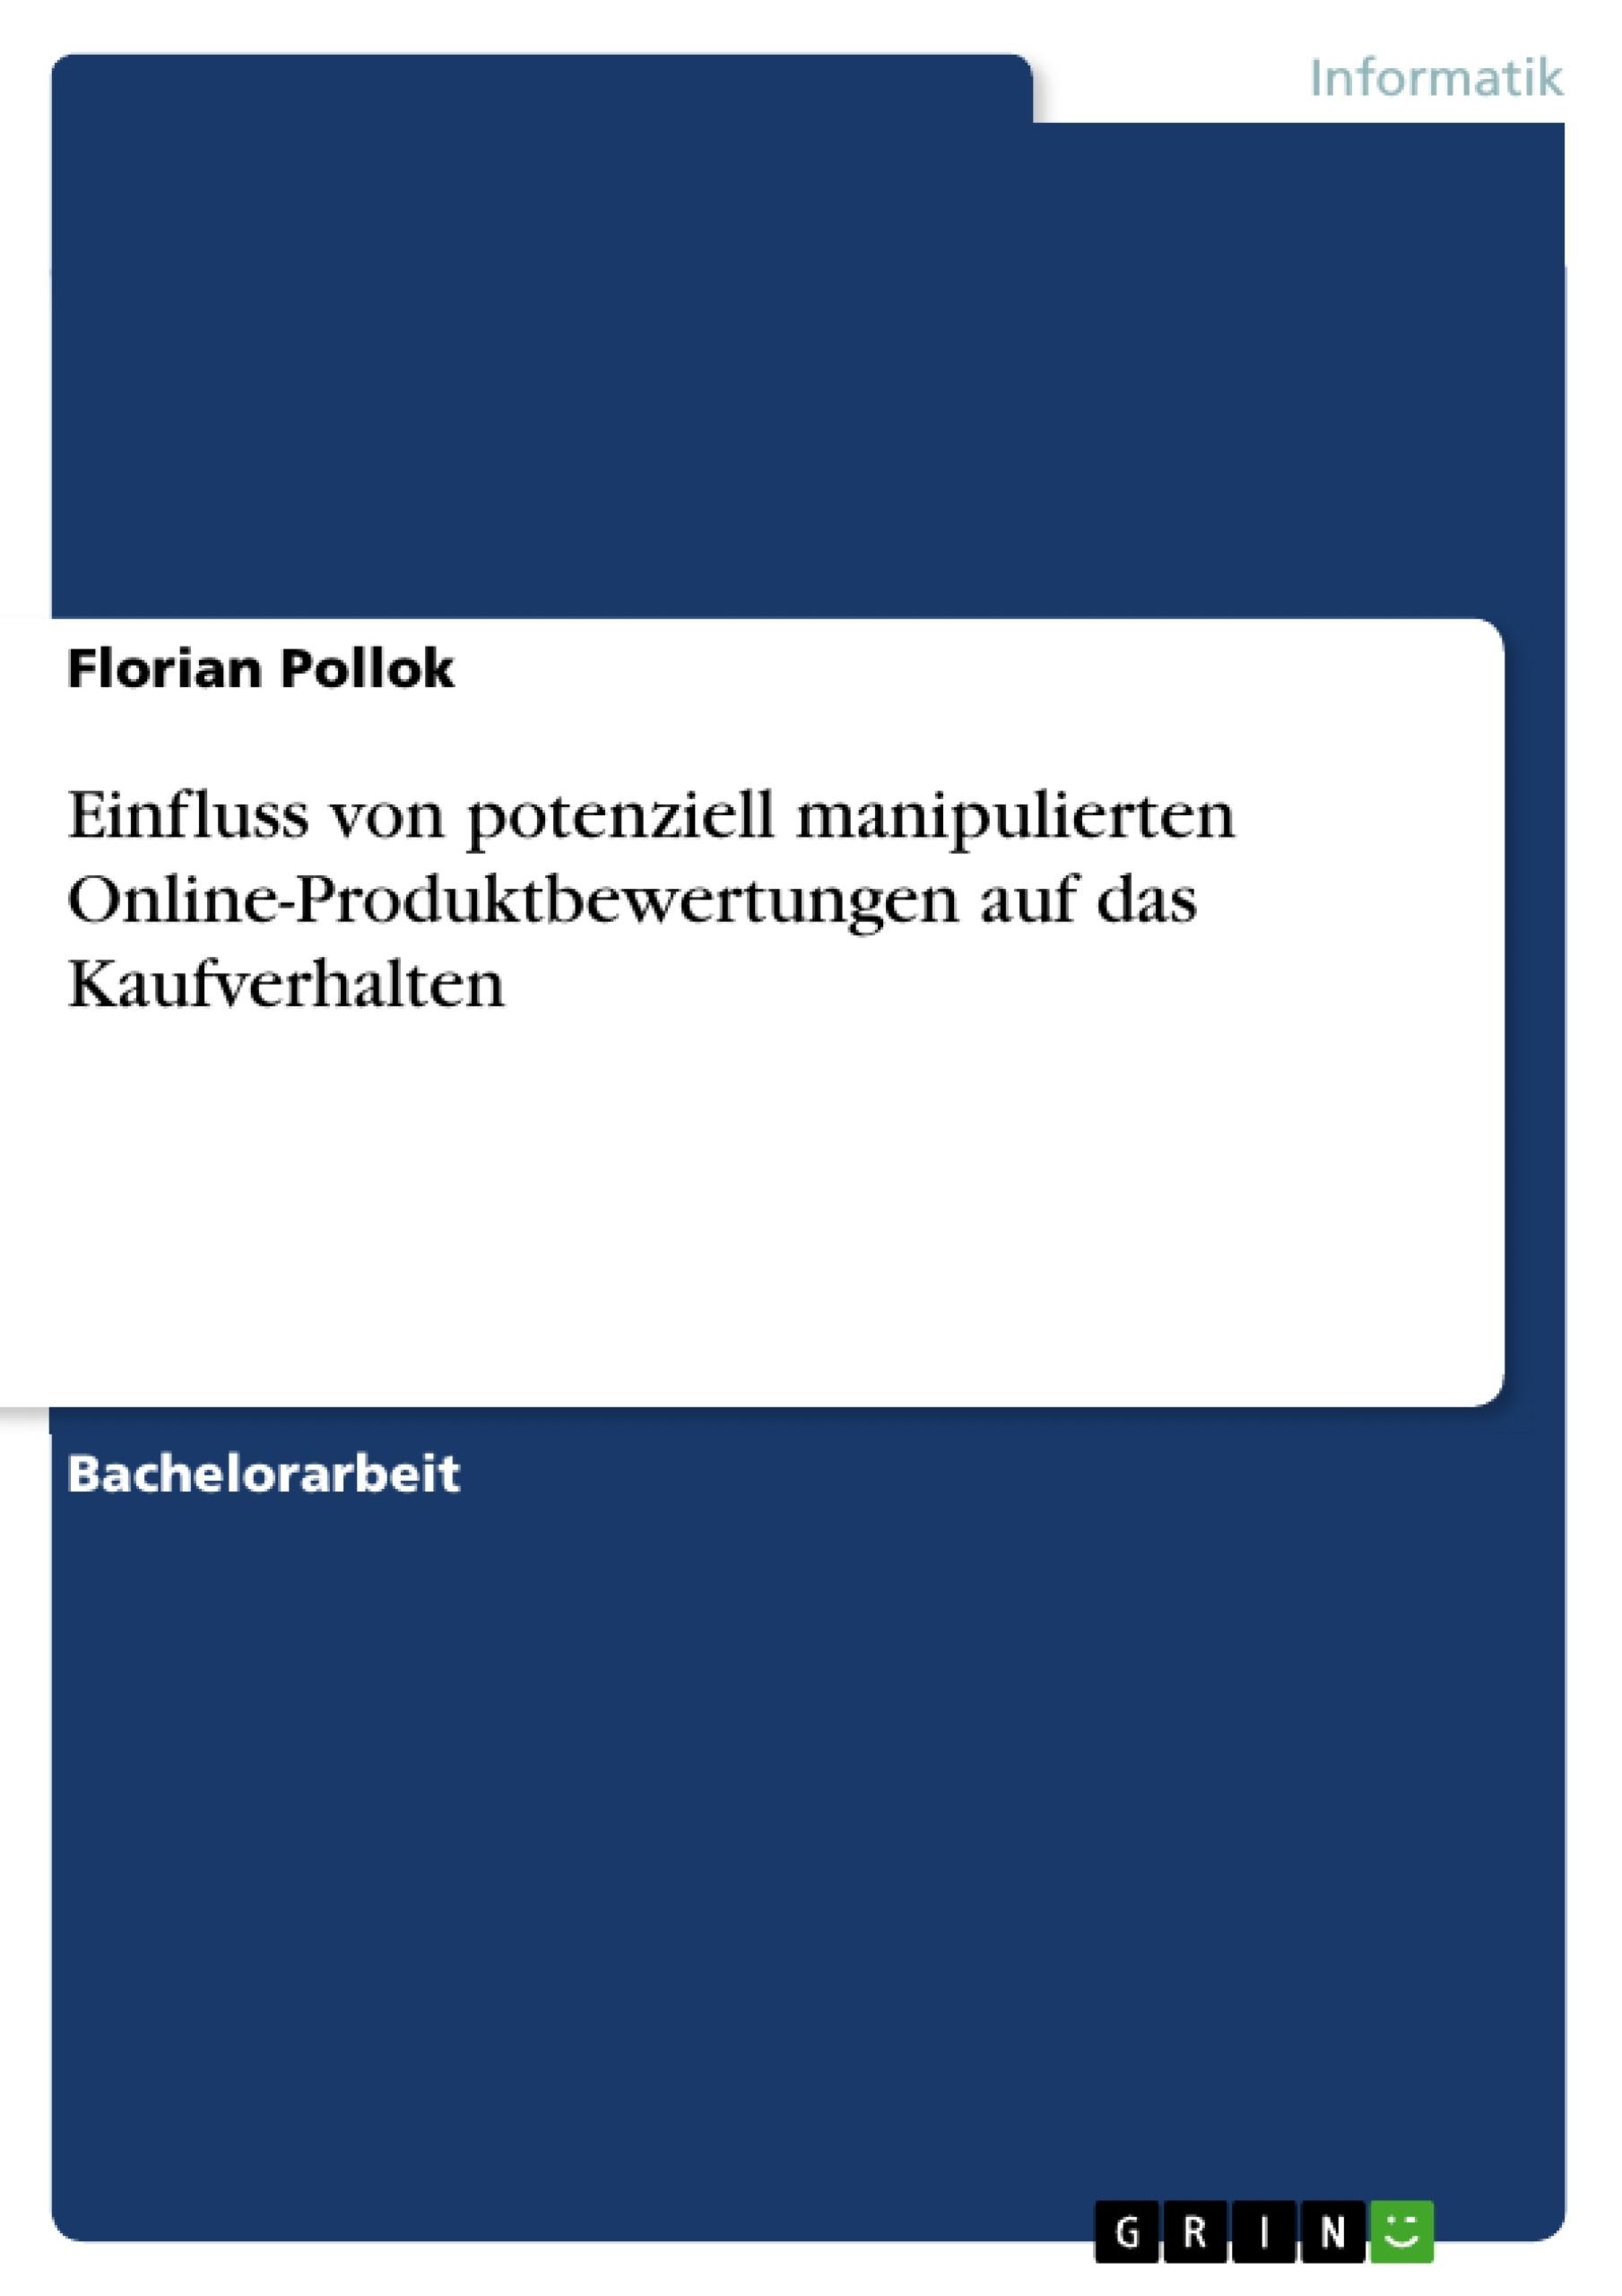 Titel: Einfluss von potenziell manipulierten Online-Produktbewertungen auf das Kaufverhalten